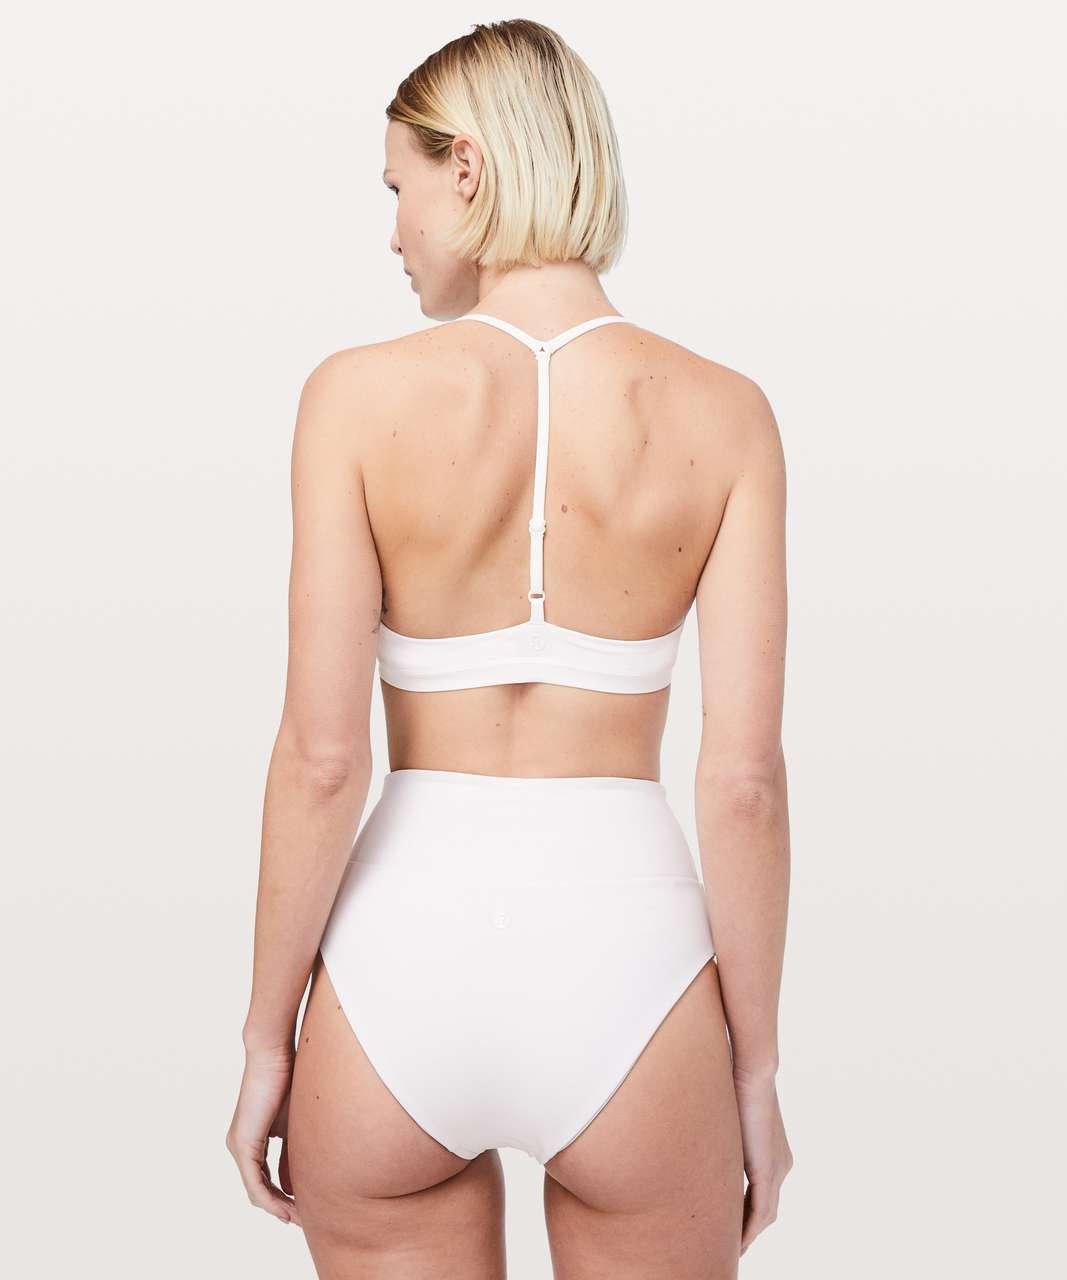 Lululemon Deep Sea Swim Top - White